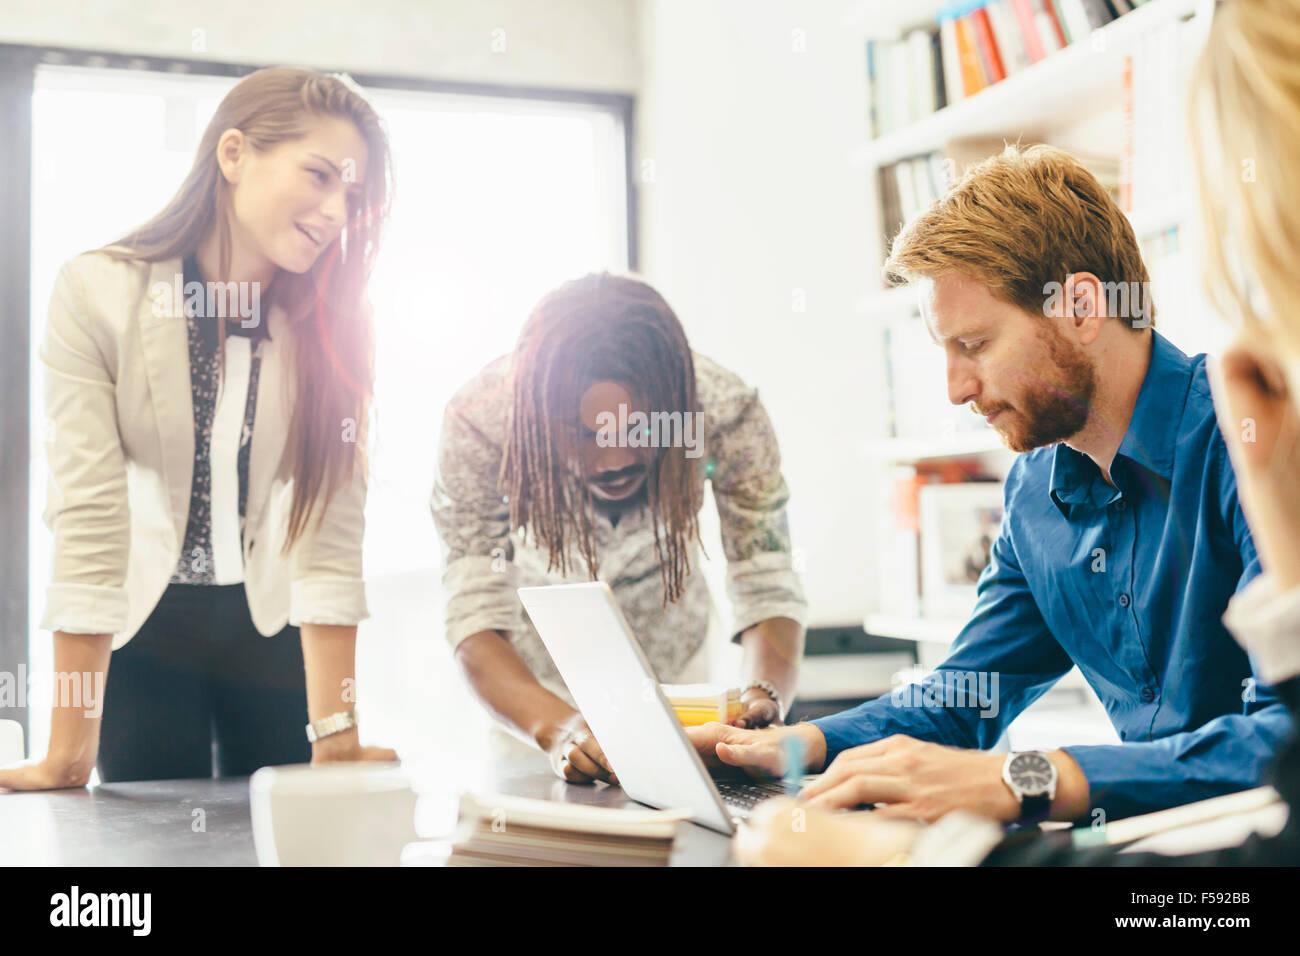 Cowerkers brainstorming in office - Stock Image